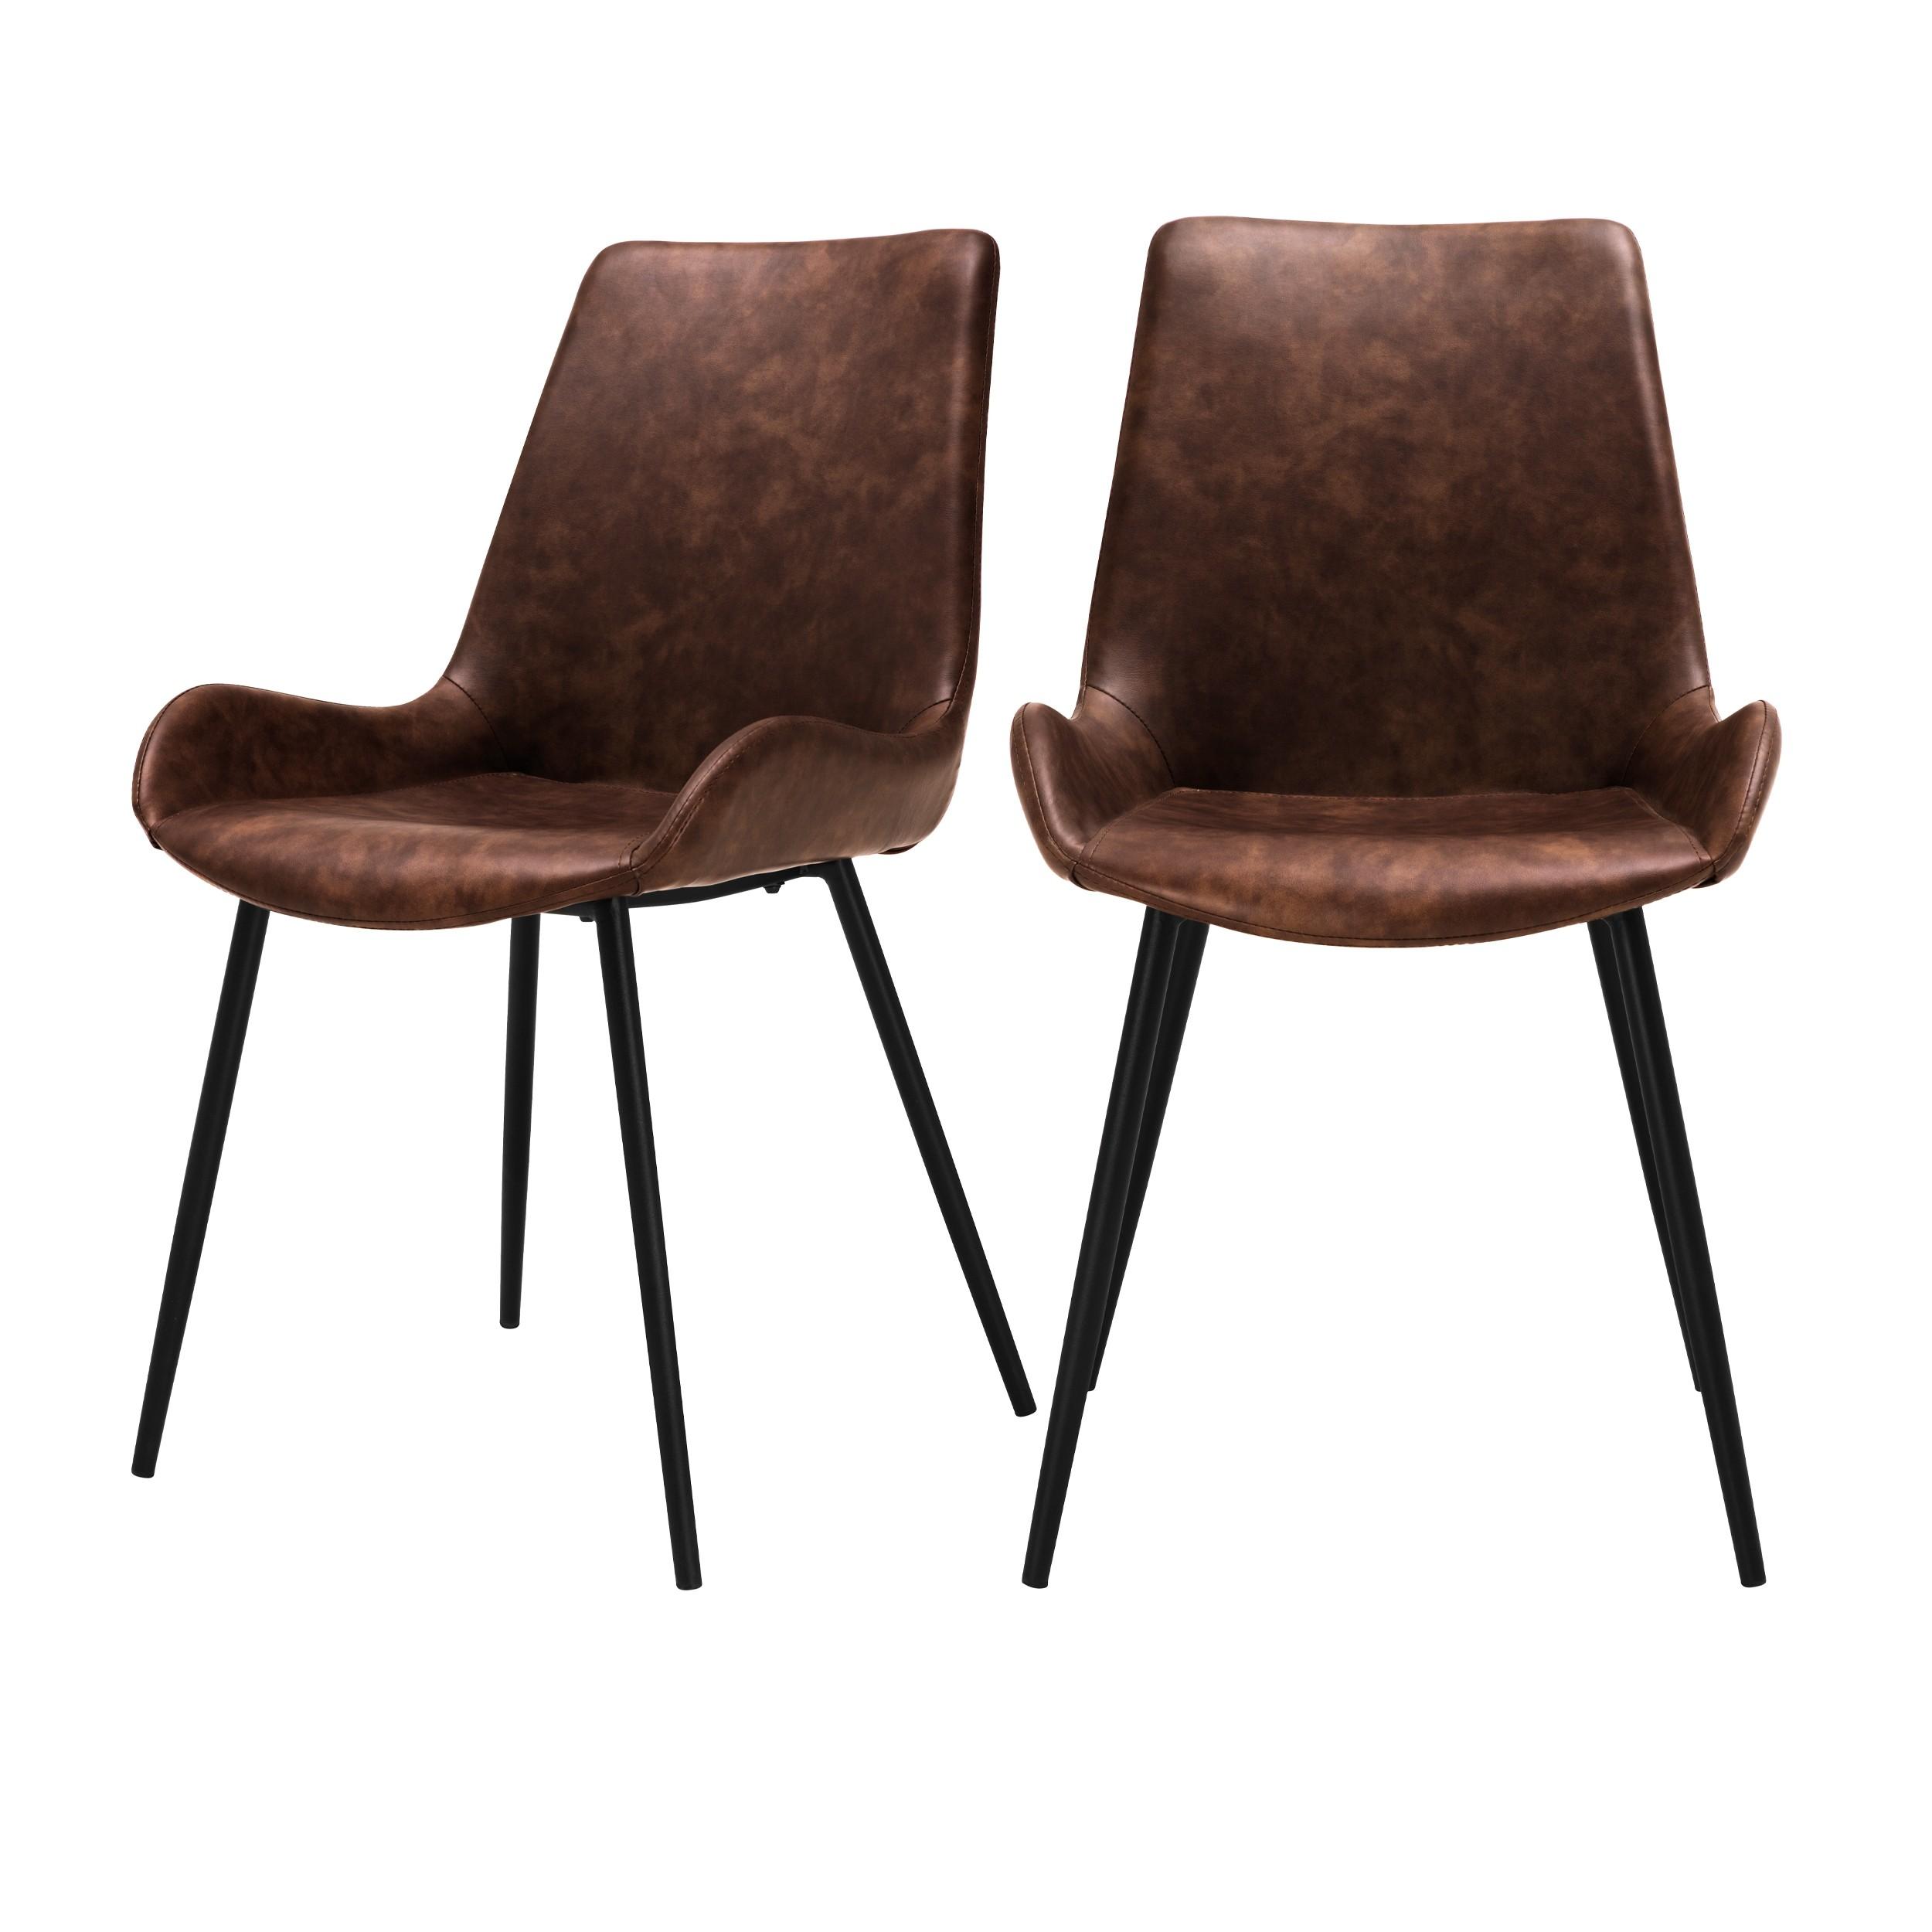 acheter chaise marron cuir synthetique lot de 2